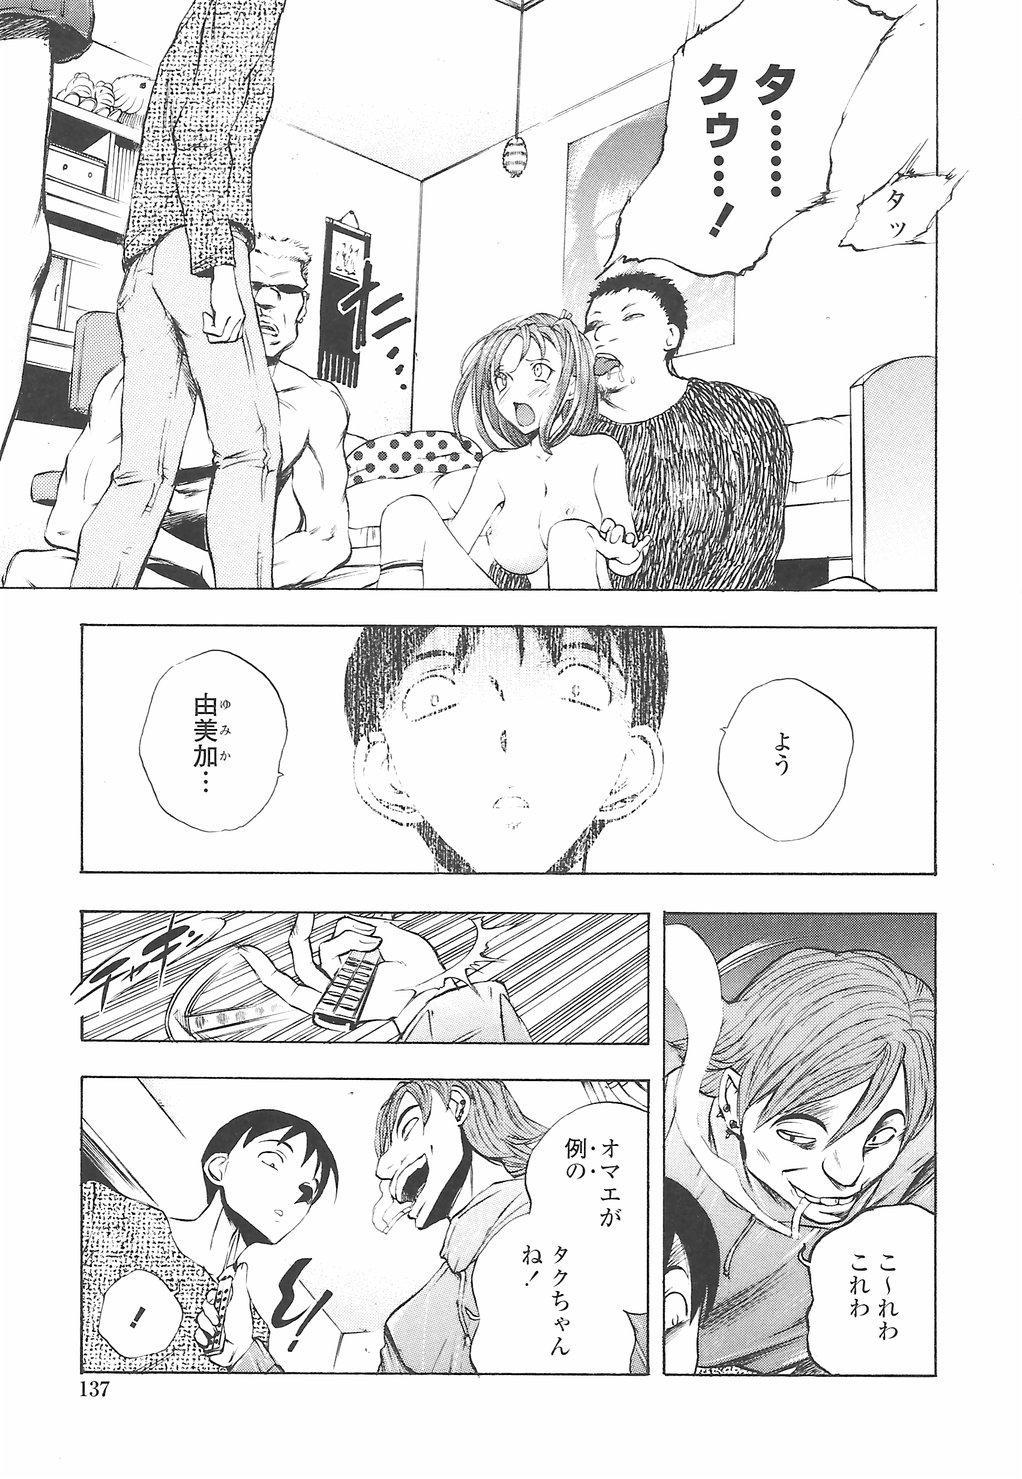 [Yuuki Tsumugi] Oshiete Ane-Tea - Teach me! my sister teacher. 140